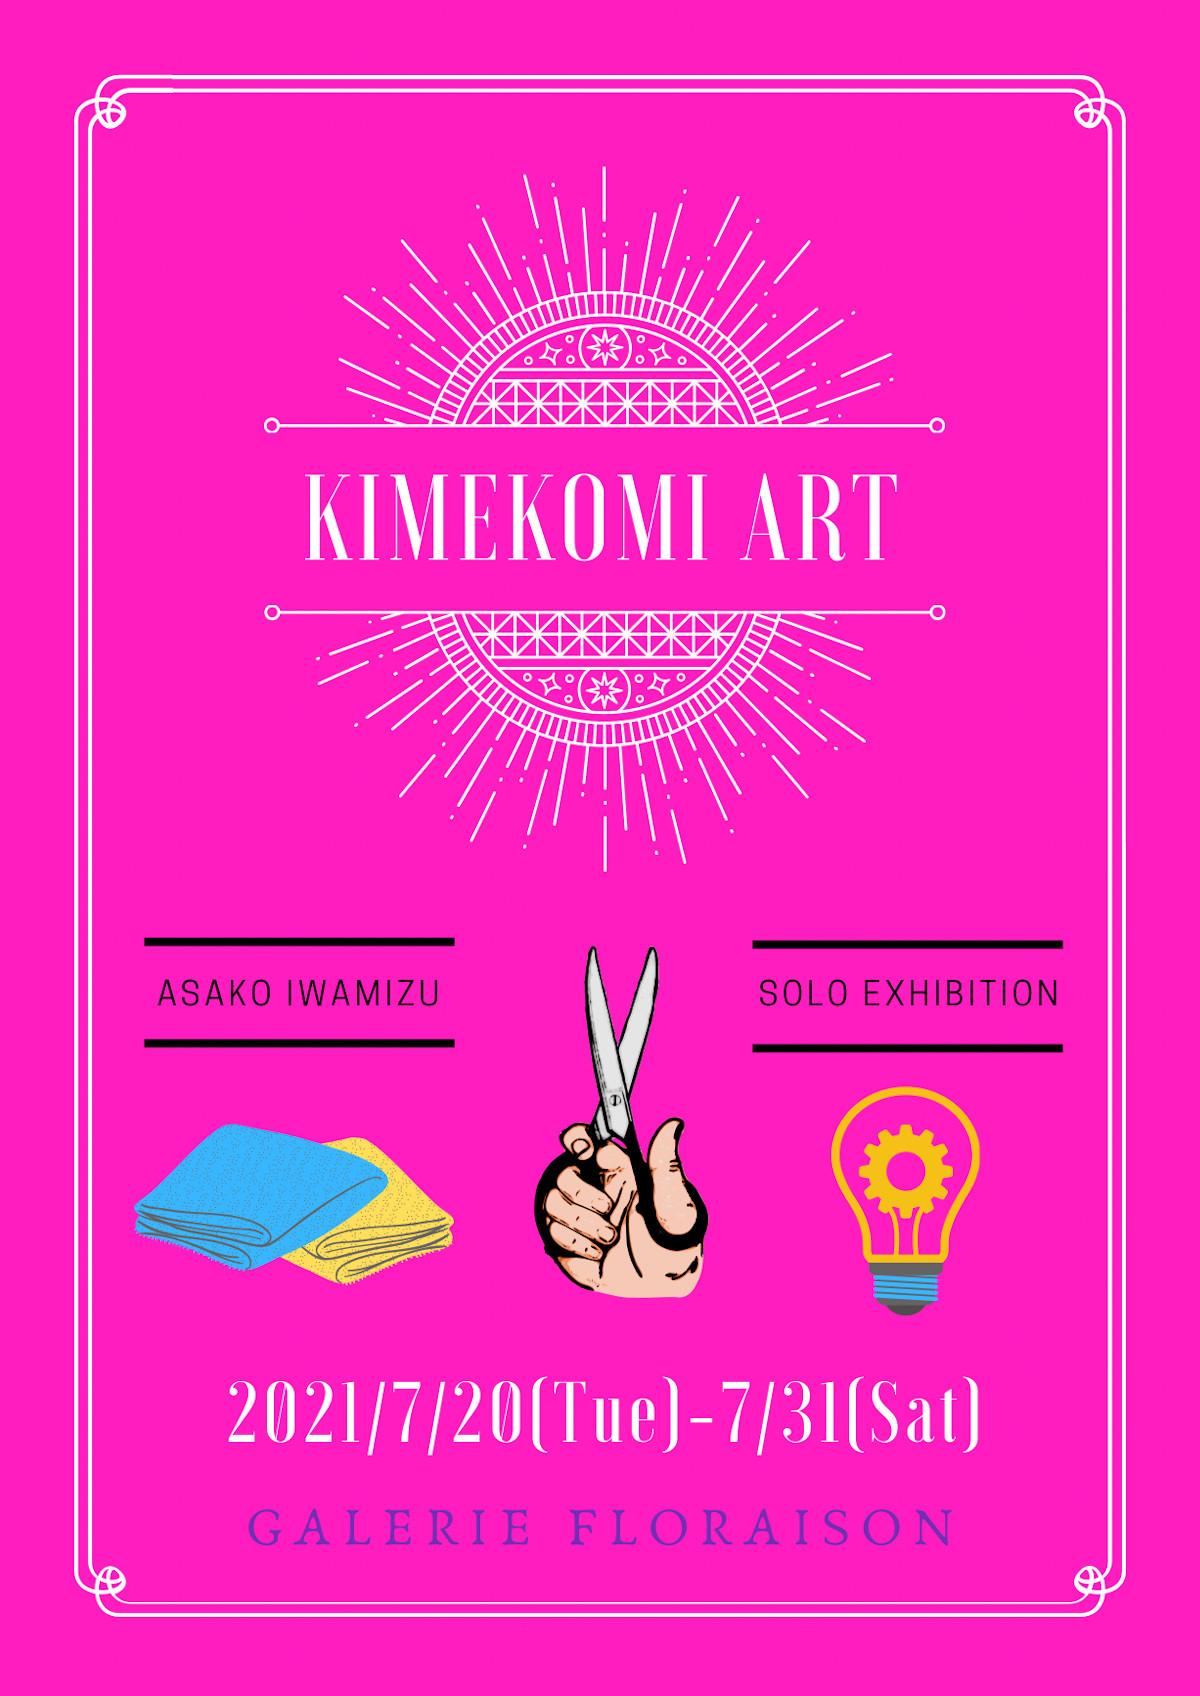 -KIMEKOMI ART-  ASAKO IWAMIZU SOLO EXHIBITION